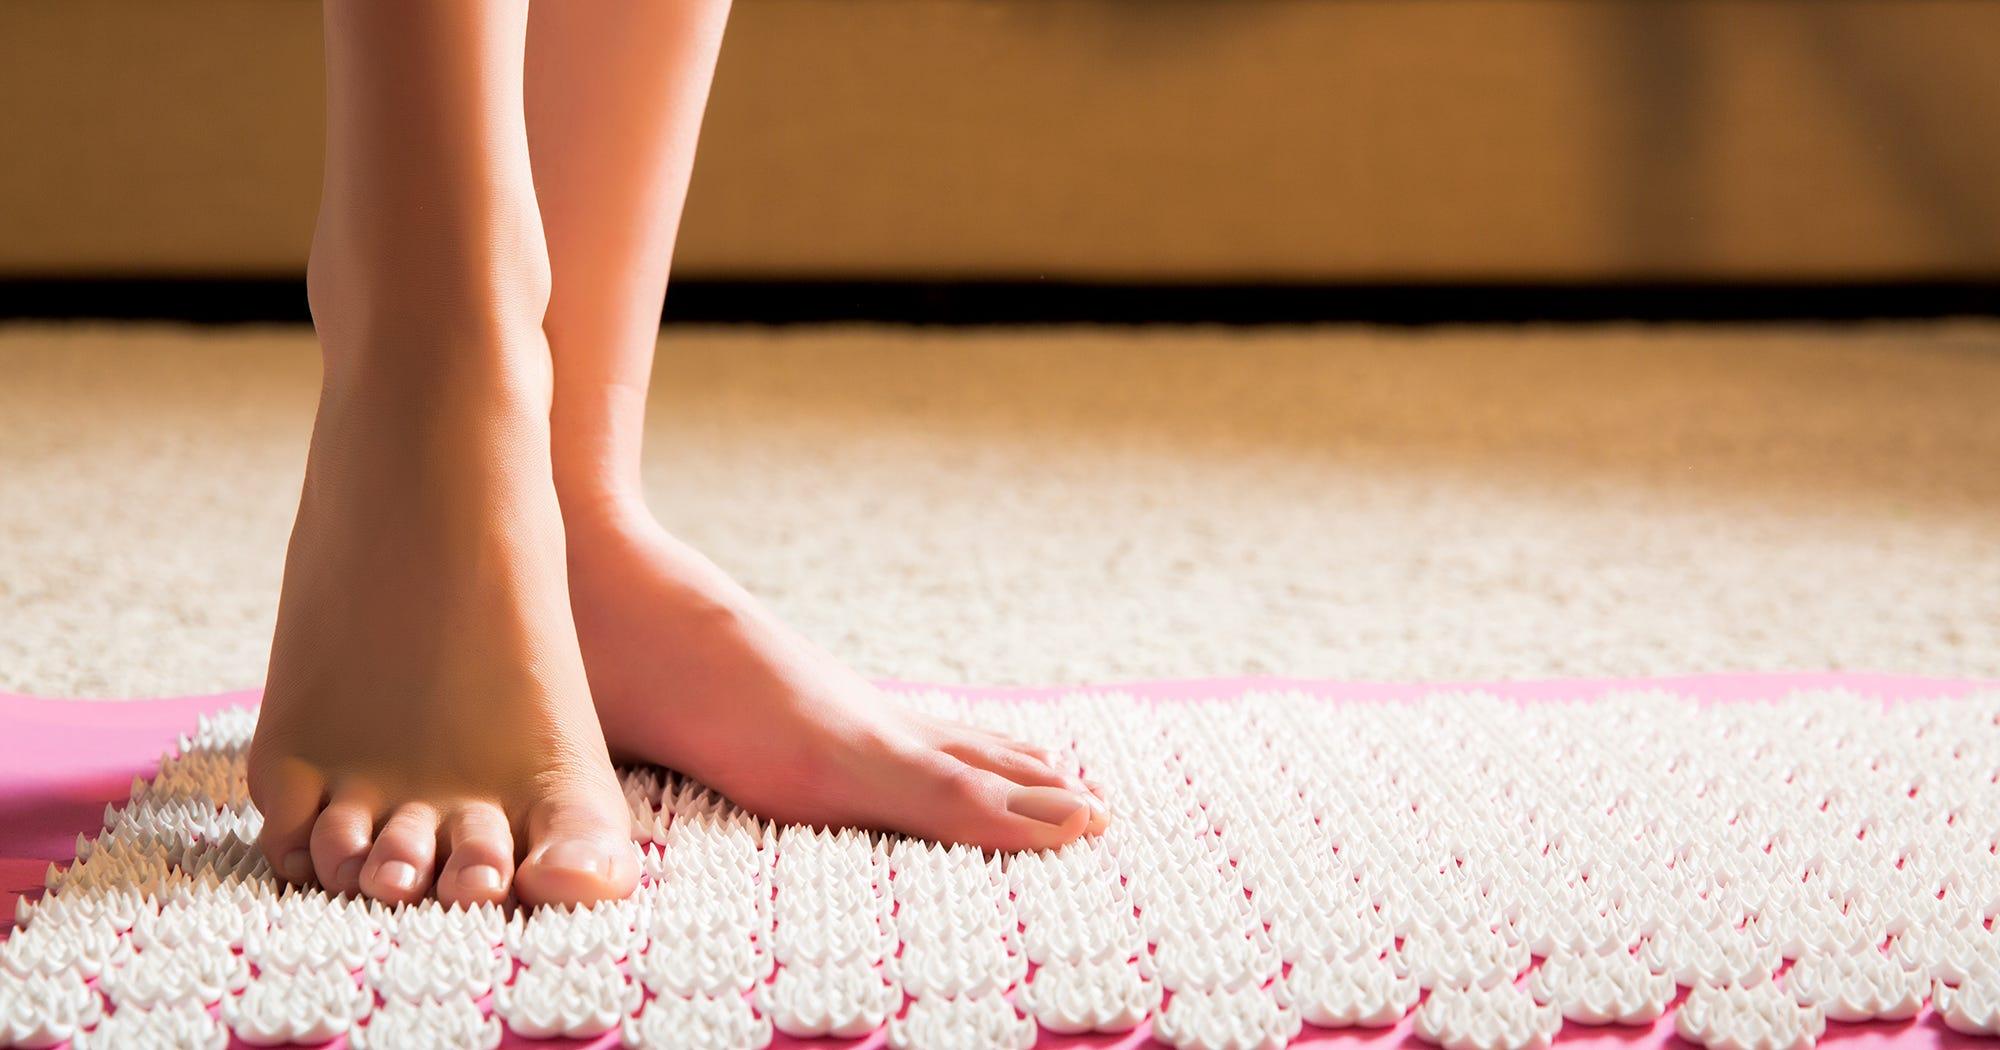 Acupressure Mat, Pressure Points Health Benefits